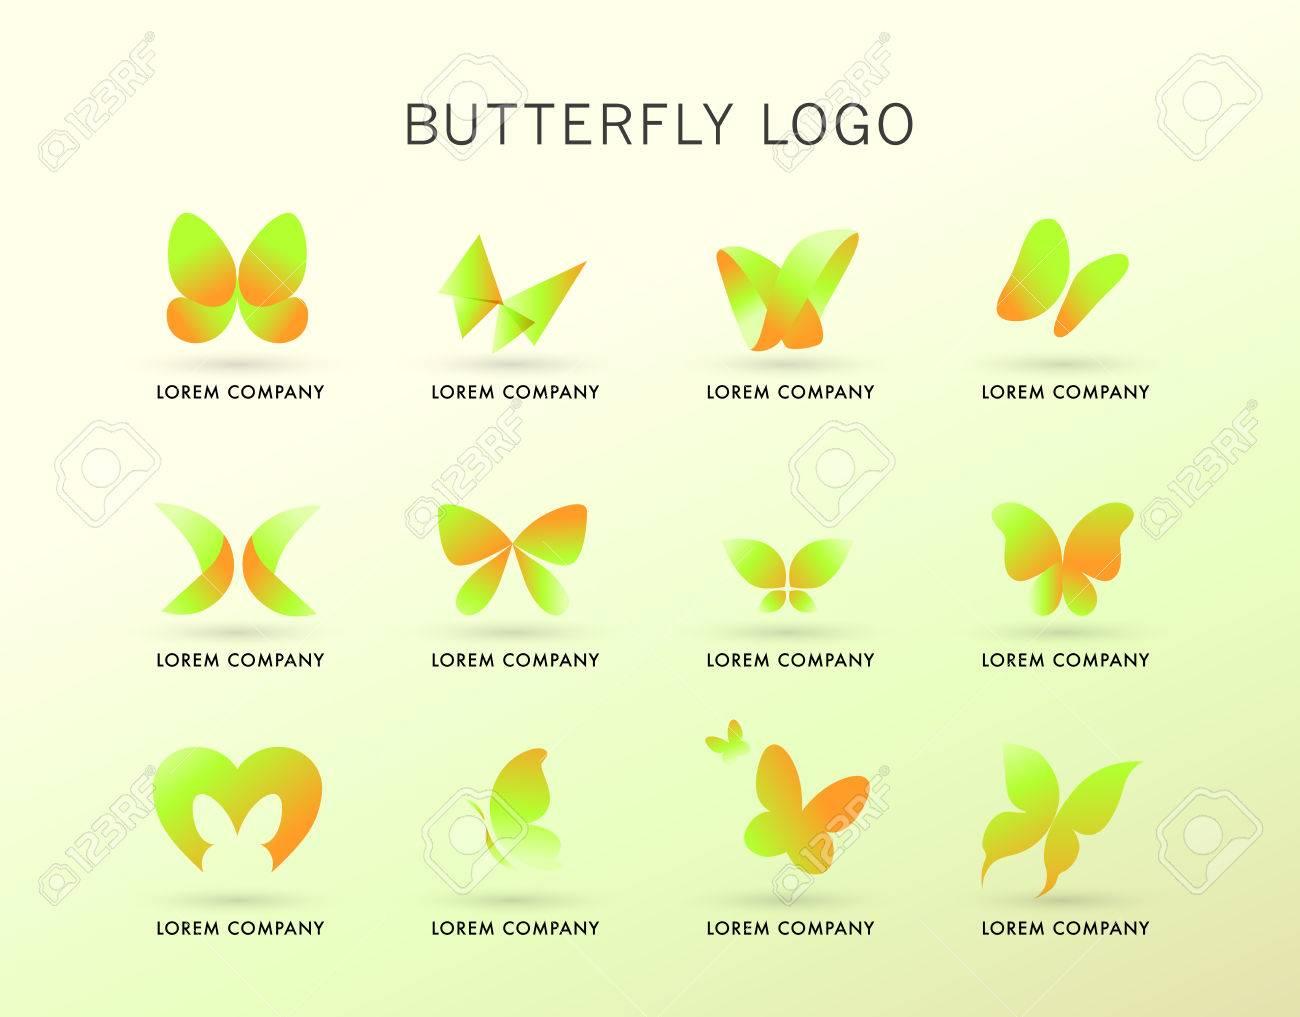 Logotipo Abstracto Con Carácter Mariposa. Icono De Insectos Simple ...